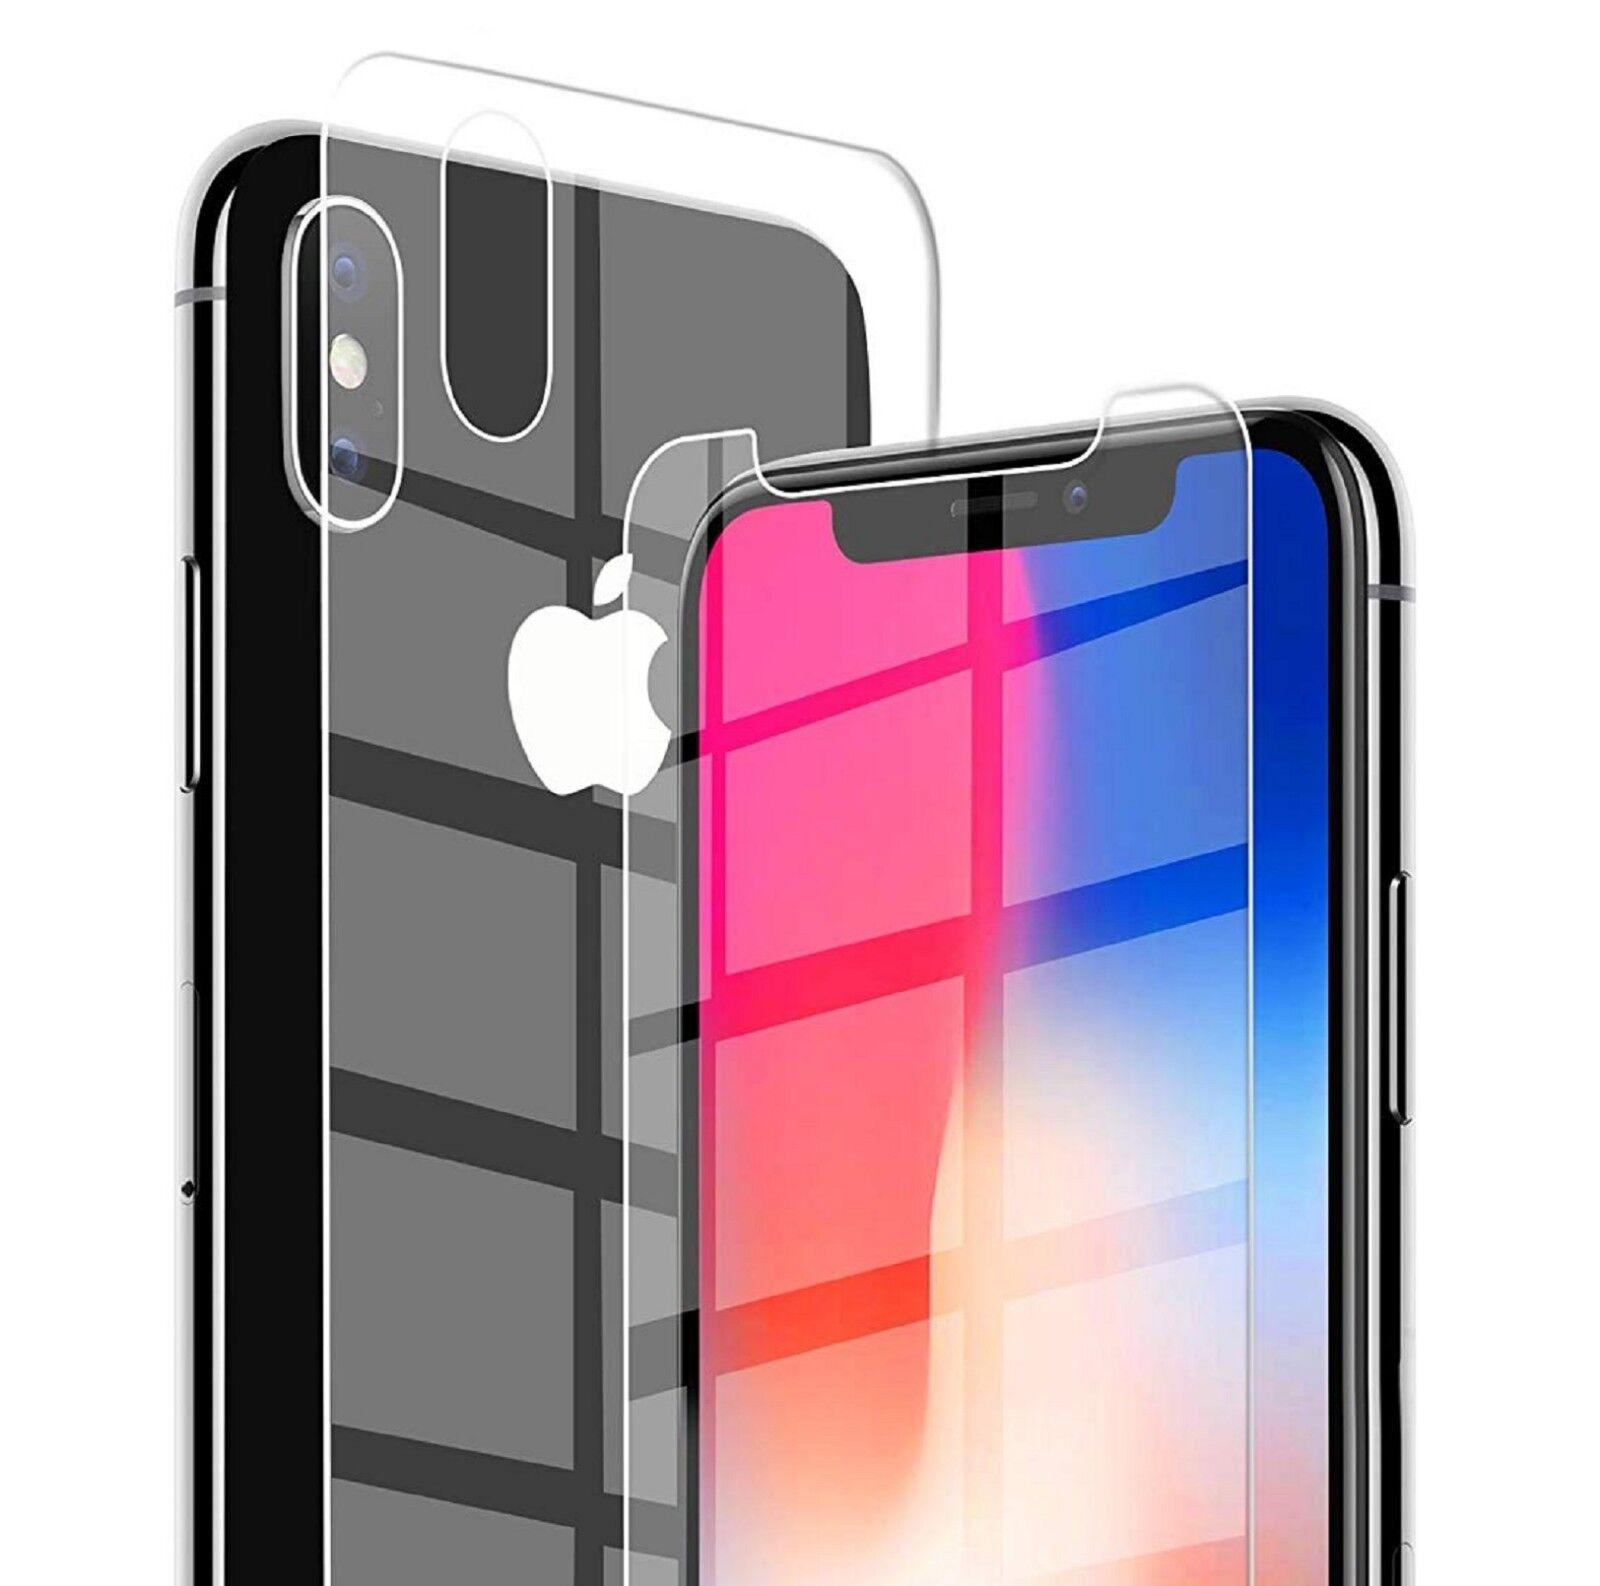 apple iphone xs max xr x